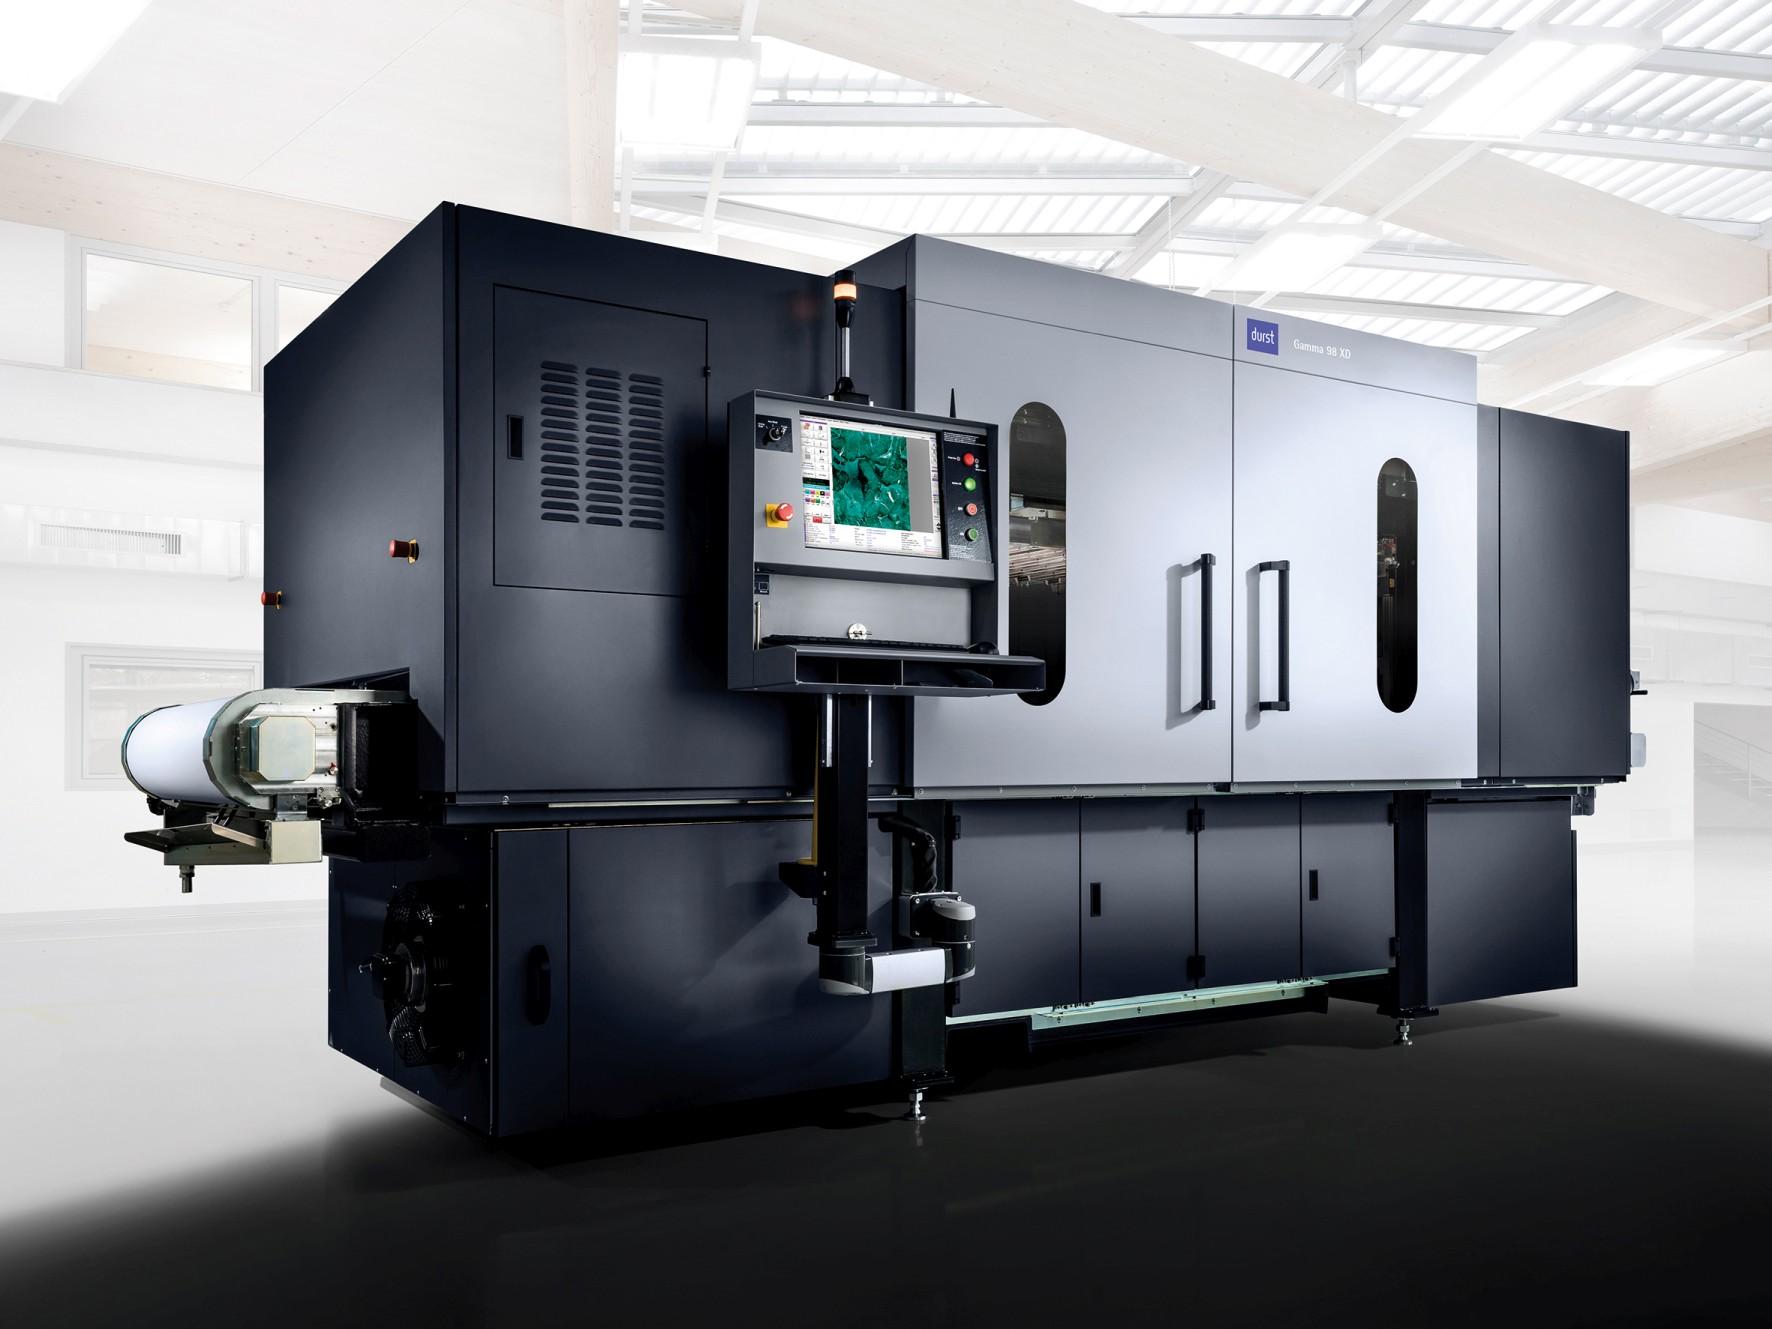 Grande successo per Durst in Corea del Sud  Messe a segno oltre 15 nuove installazioni di sistemi Gamma XD